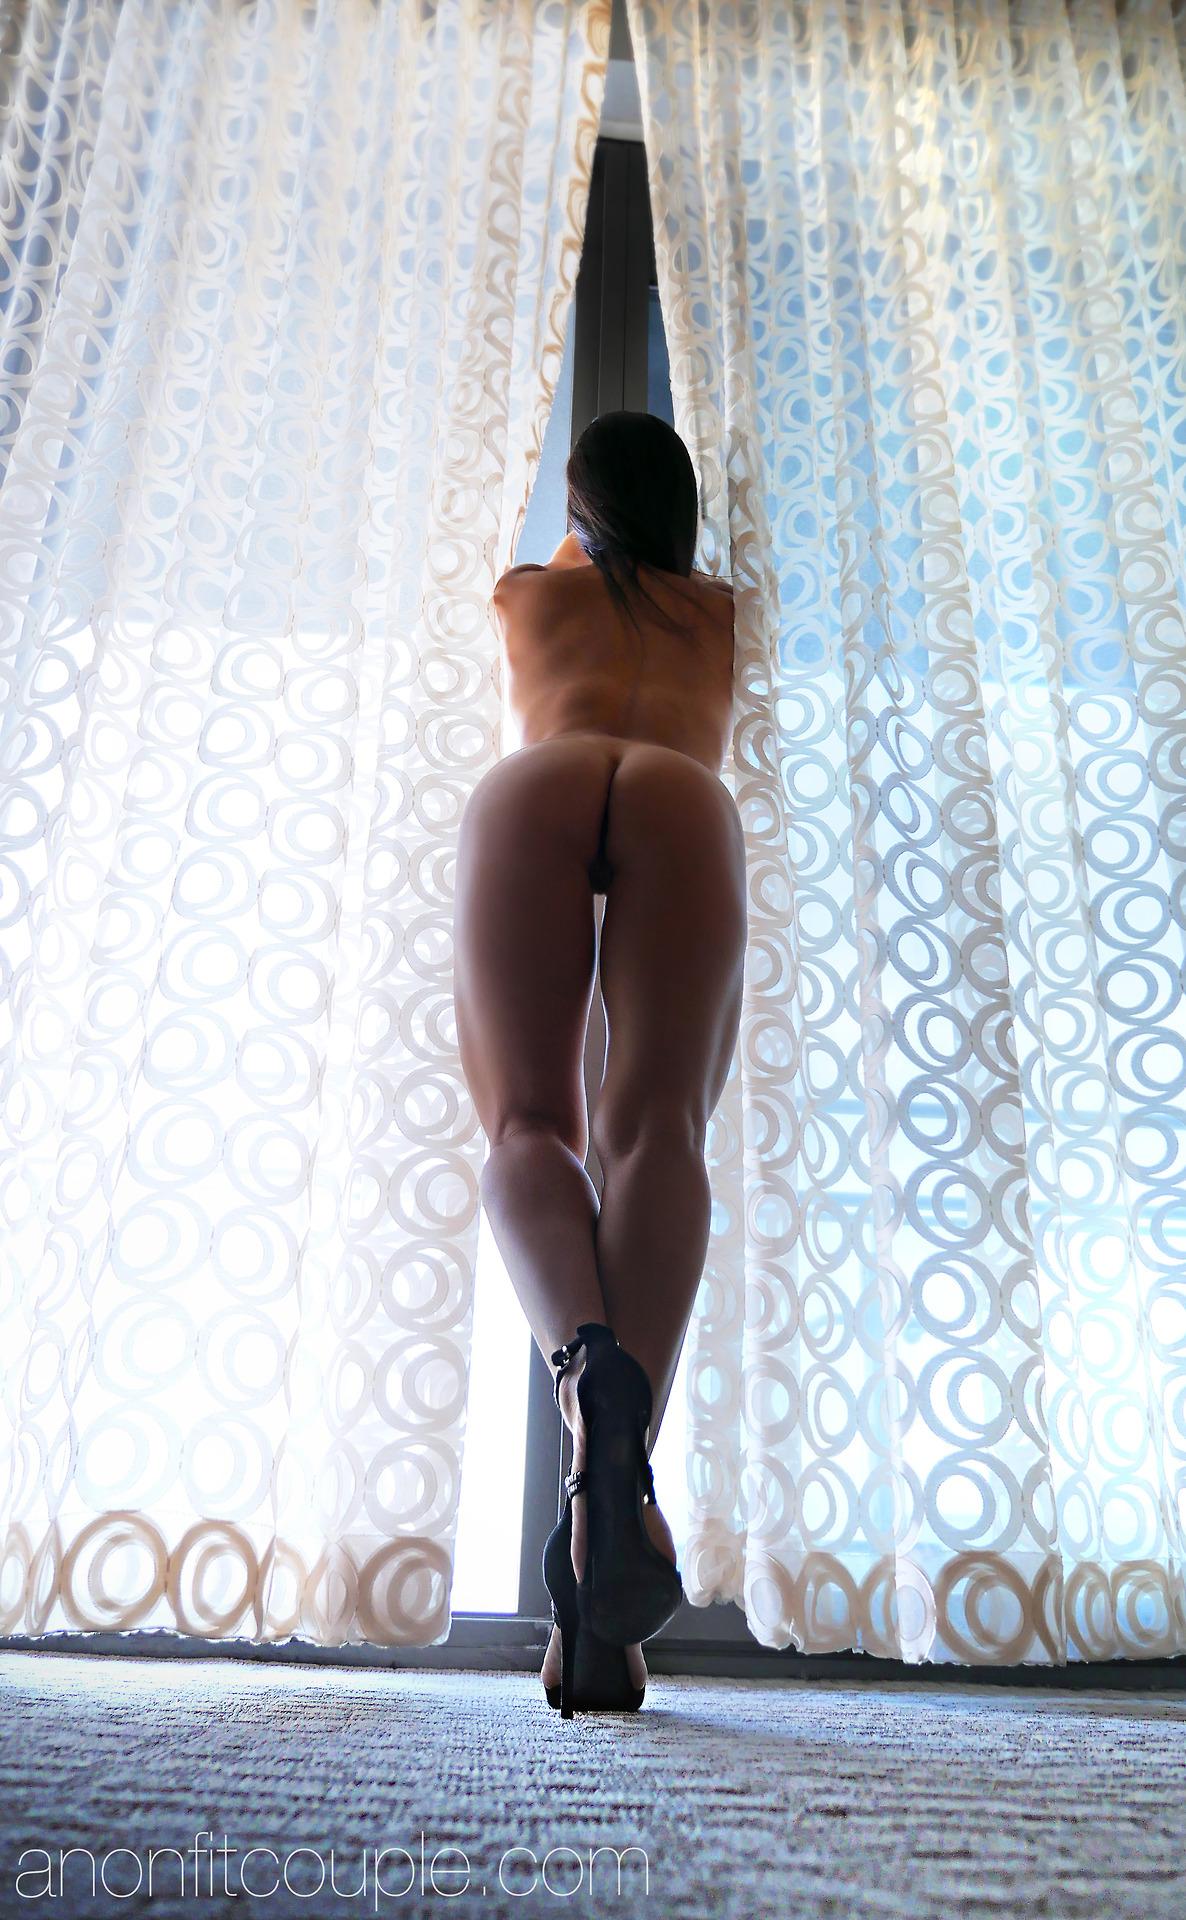 Оголенные сучки с анальной пробкой в жопах 14 фото